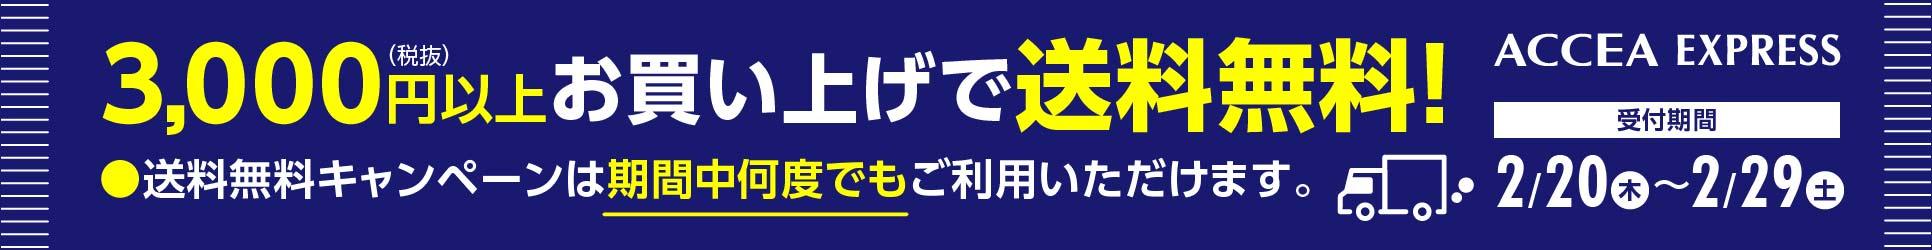 税別3000円以上お買い上げで送料無料!受付期間:2020年2月20日(木)~29日(土)